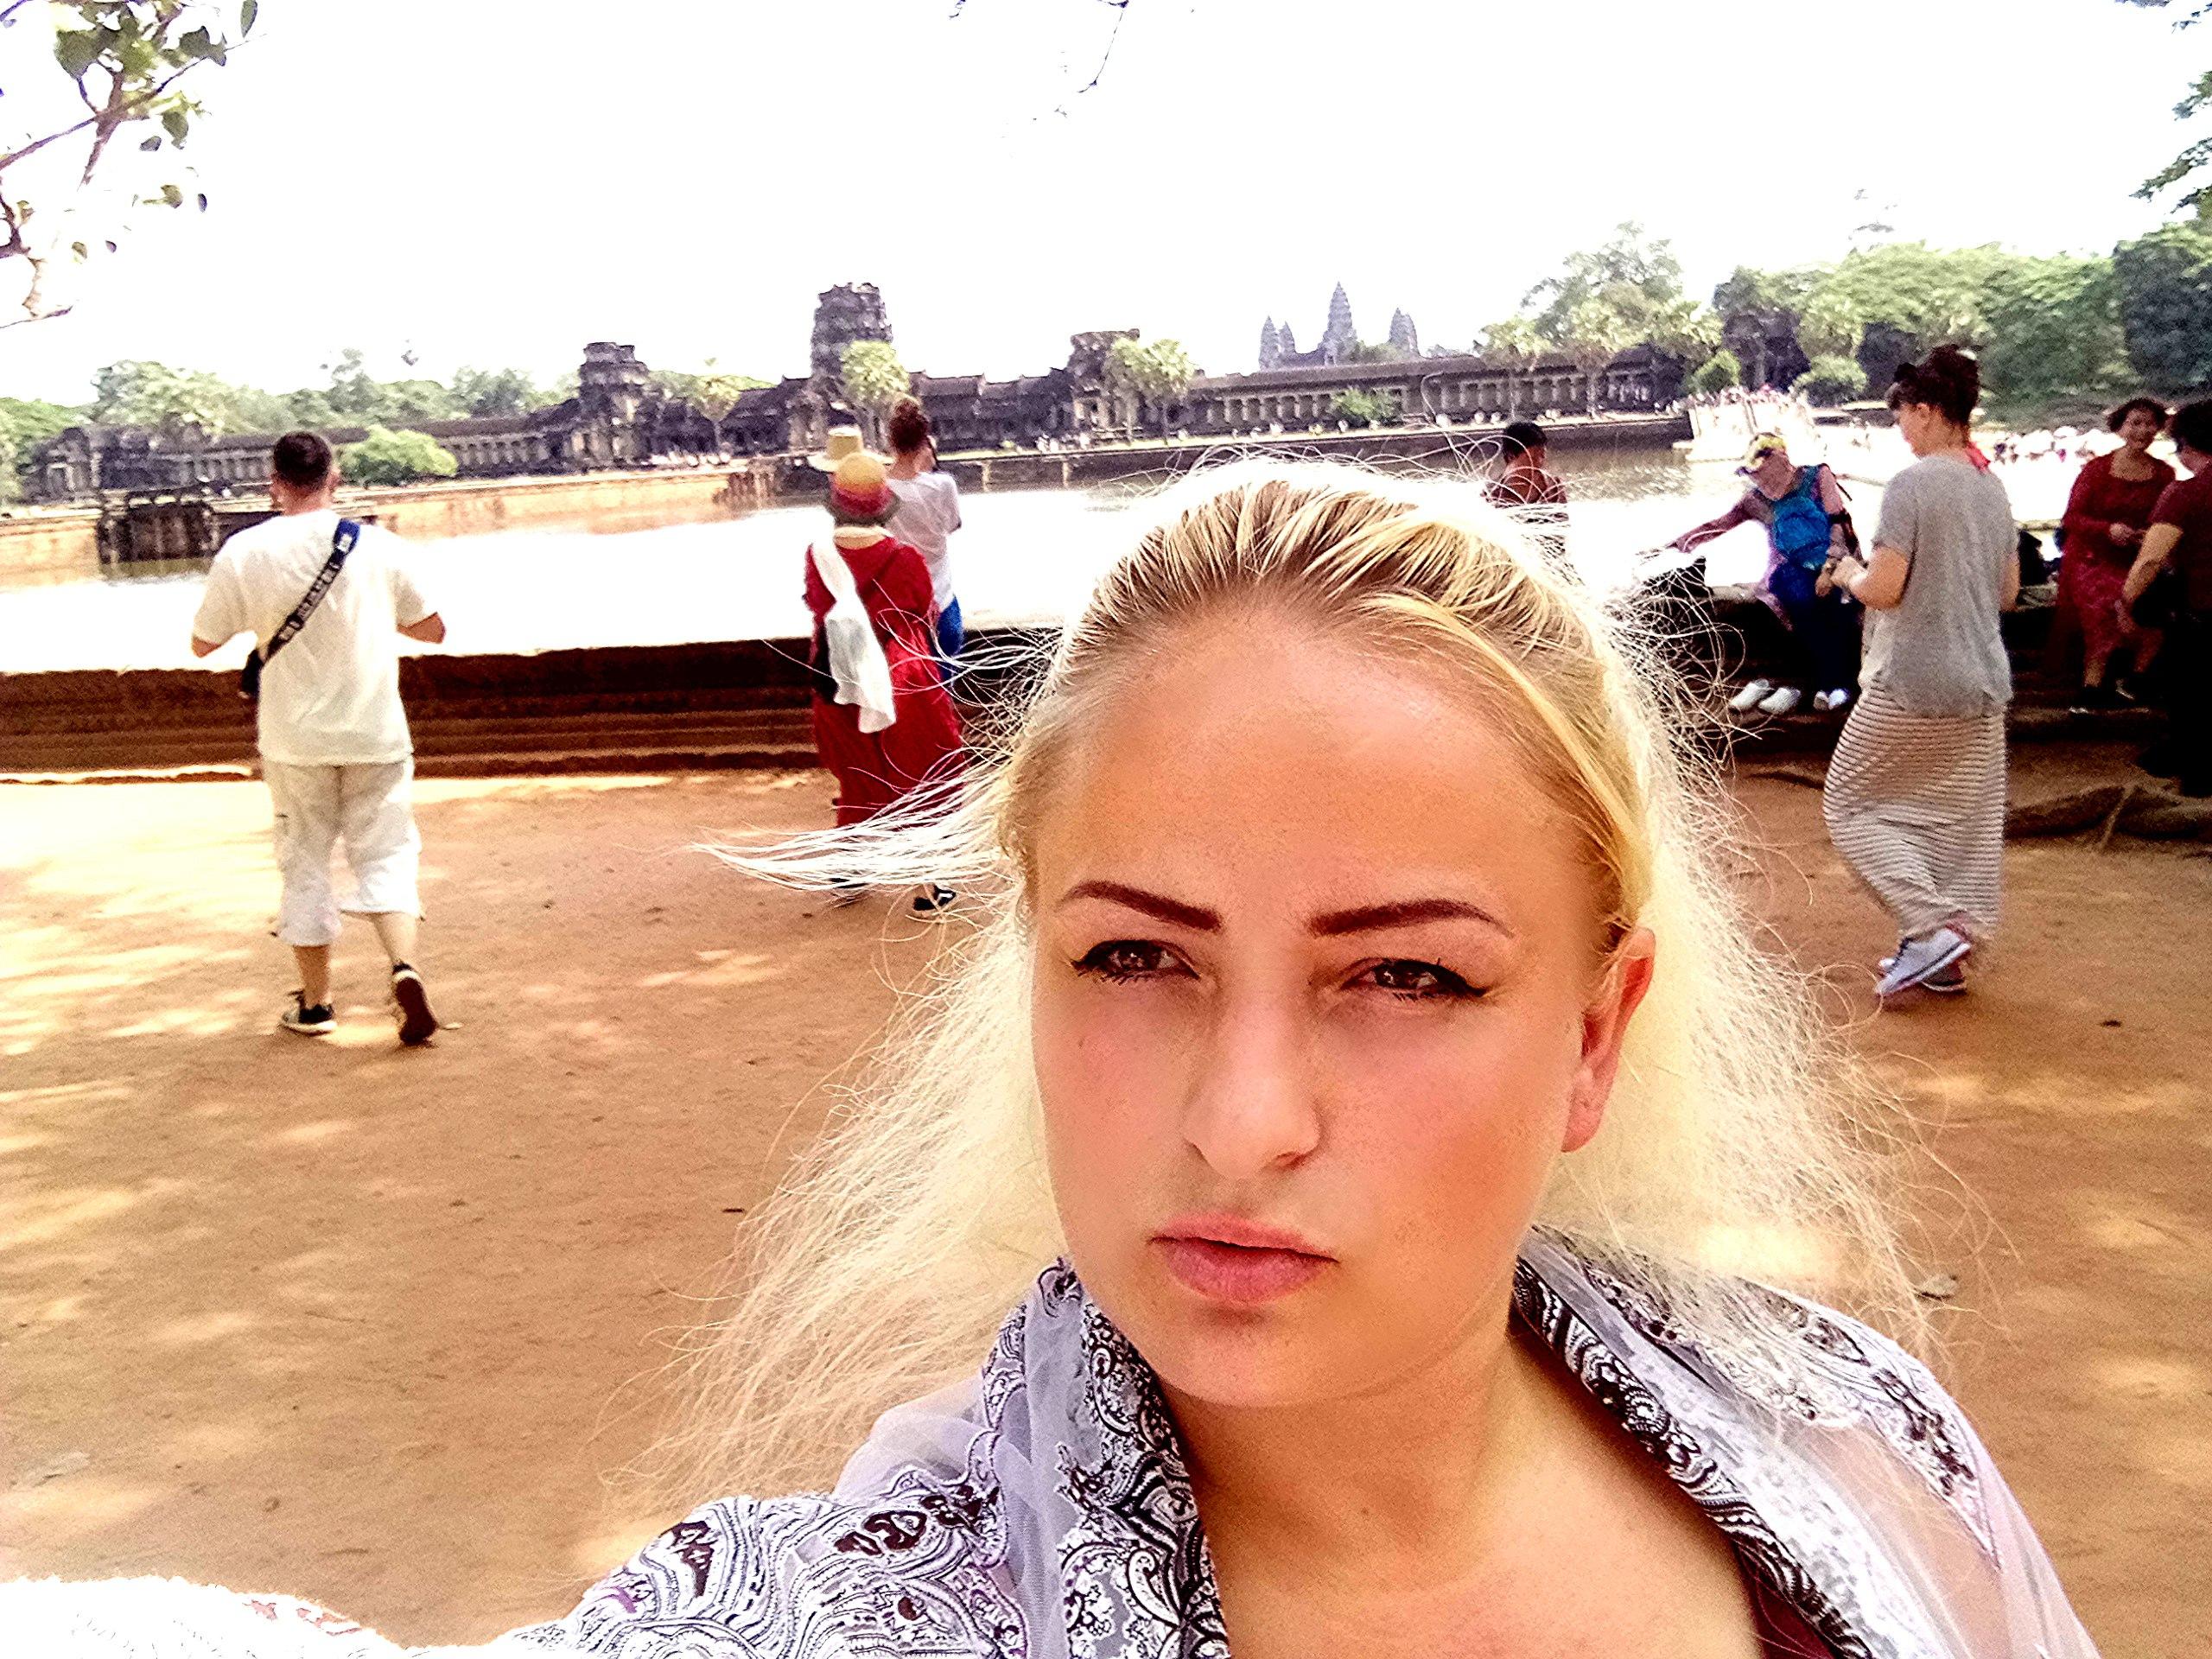 никосия - Елена Руденко. Мои путешествия (фото/видео) - Страница 3 G1fSi6C7hYA